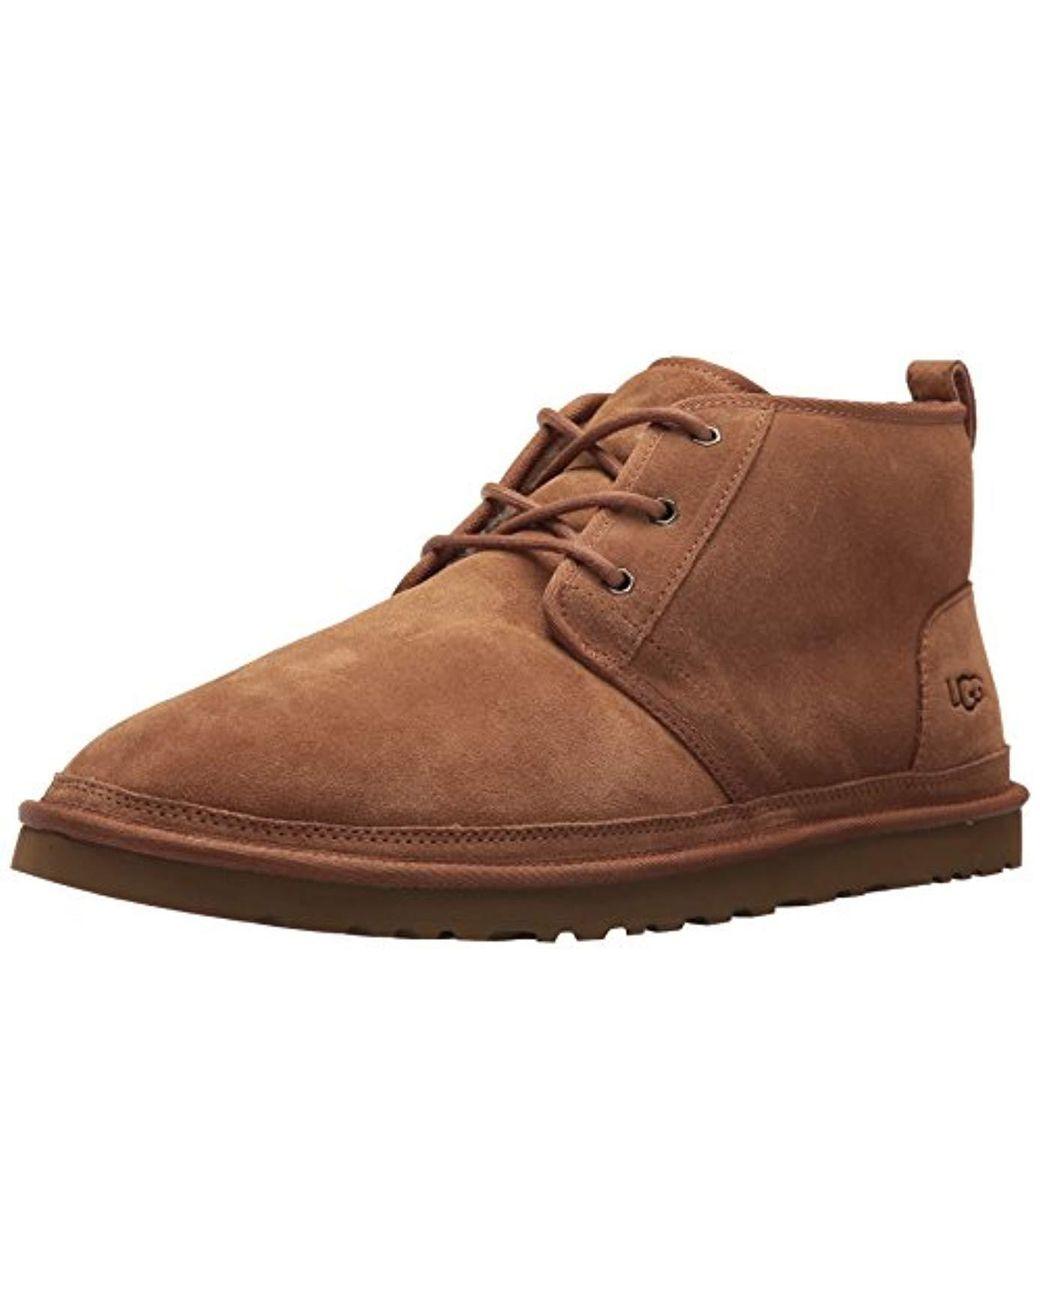 4a6788ea963 Men's Brown Neumel Chukka Boot